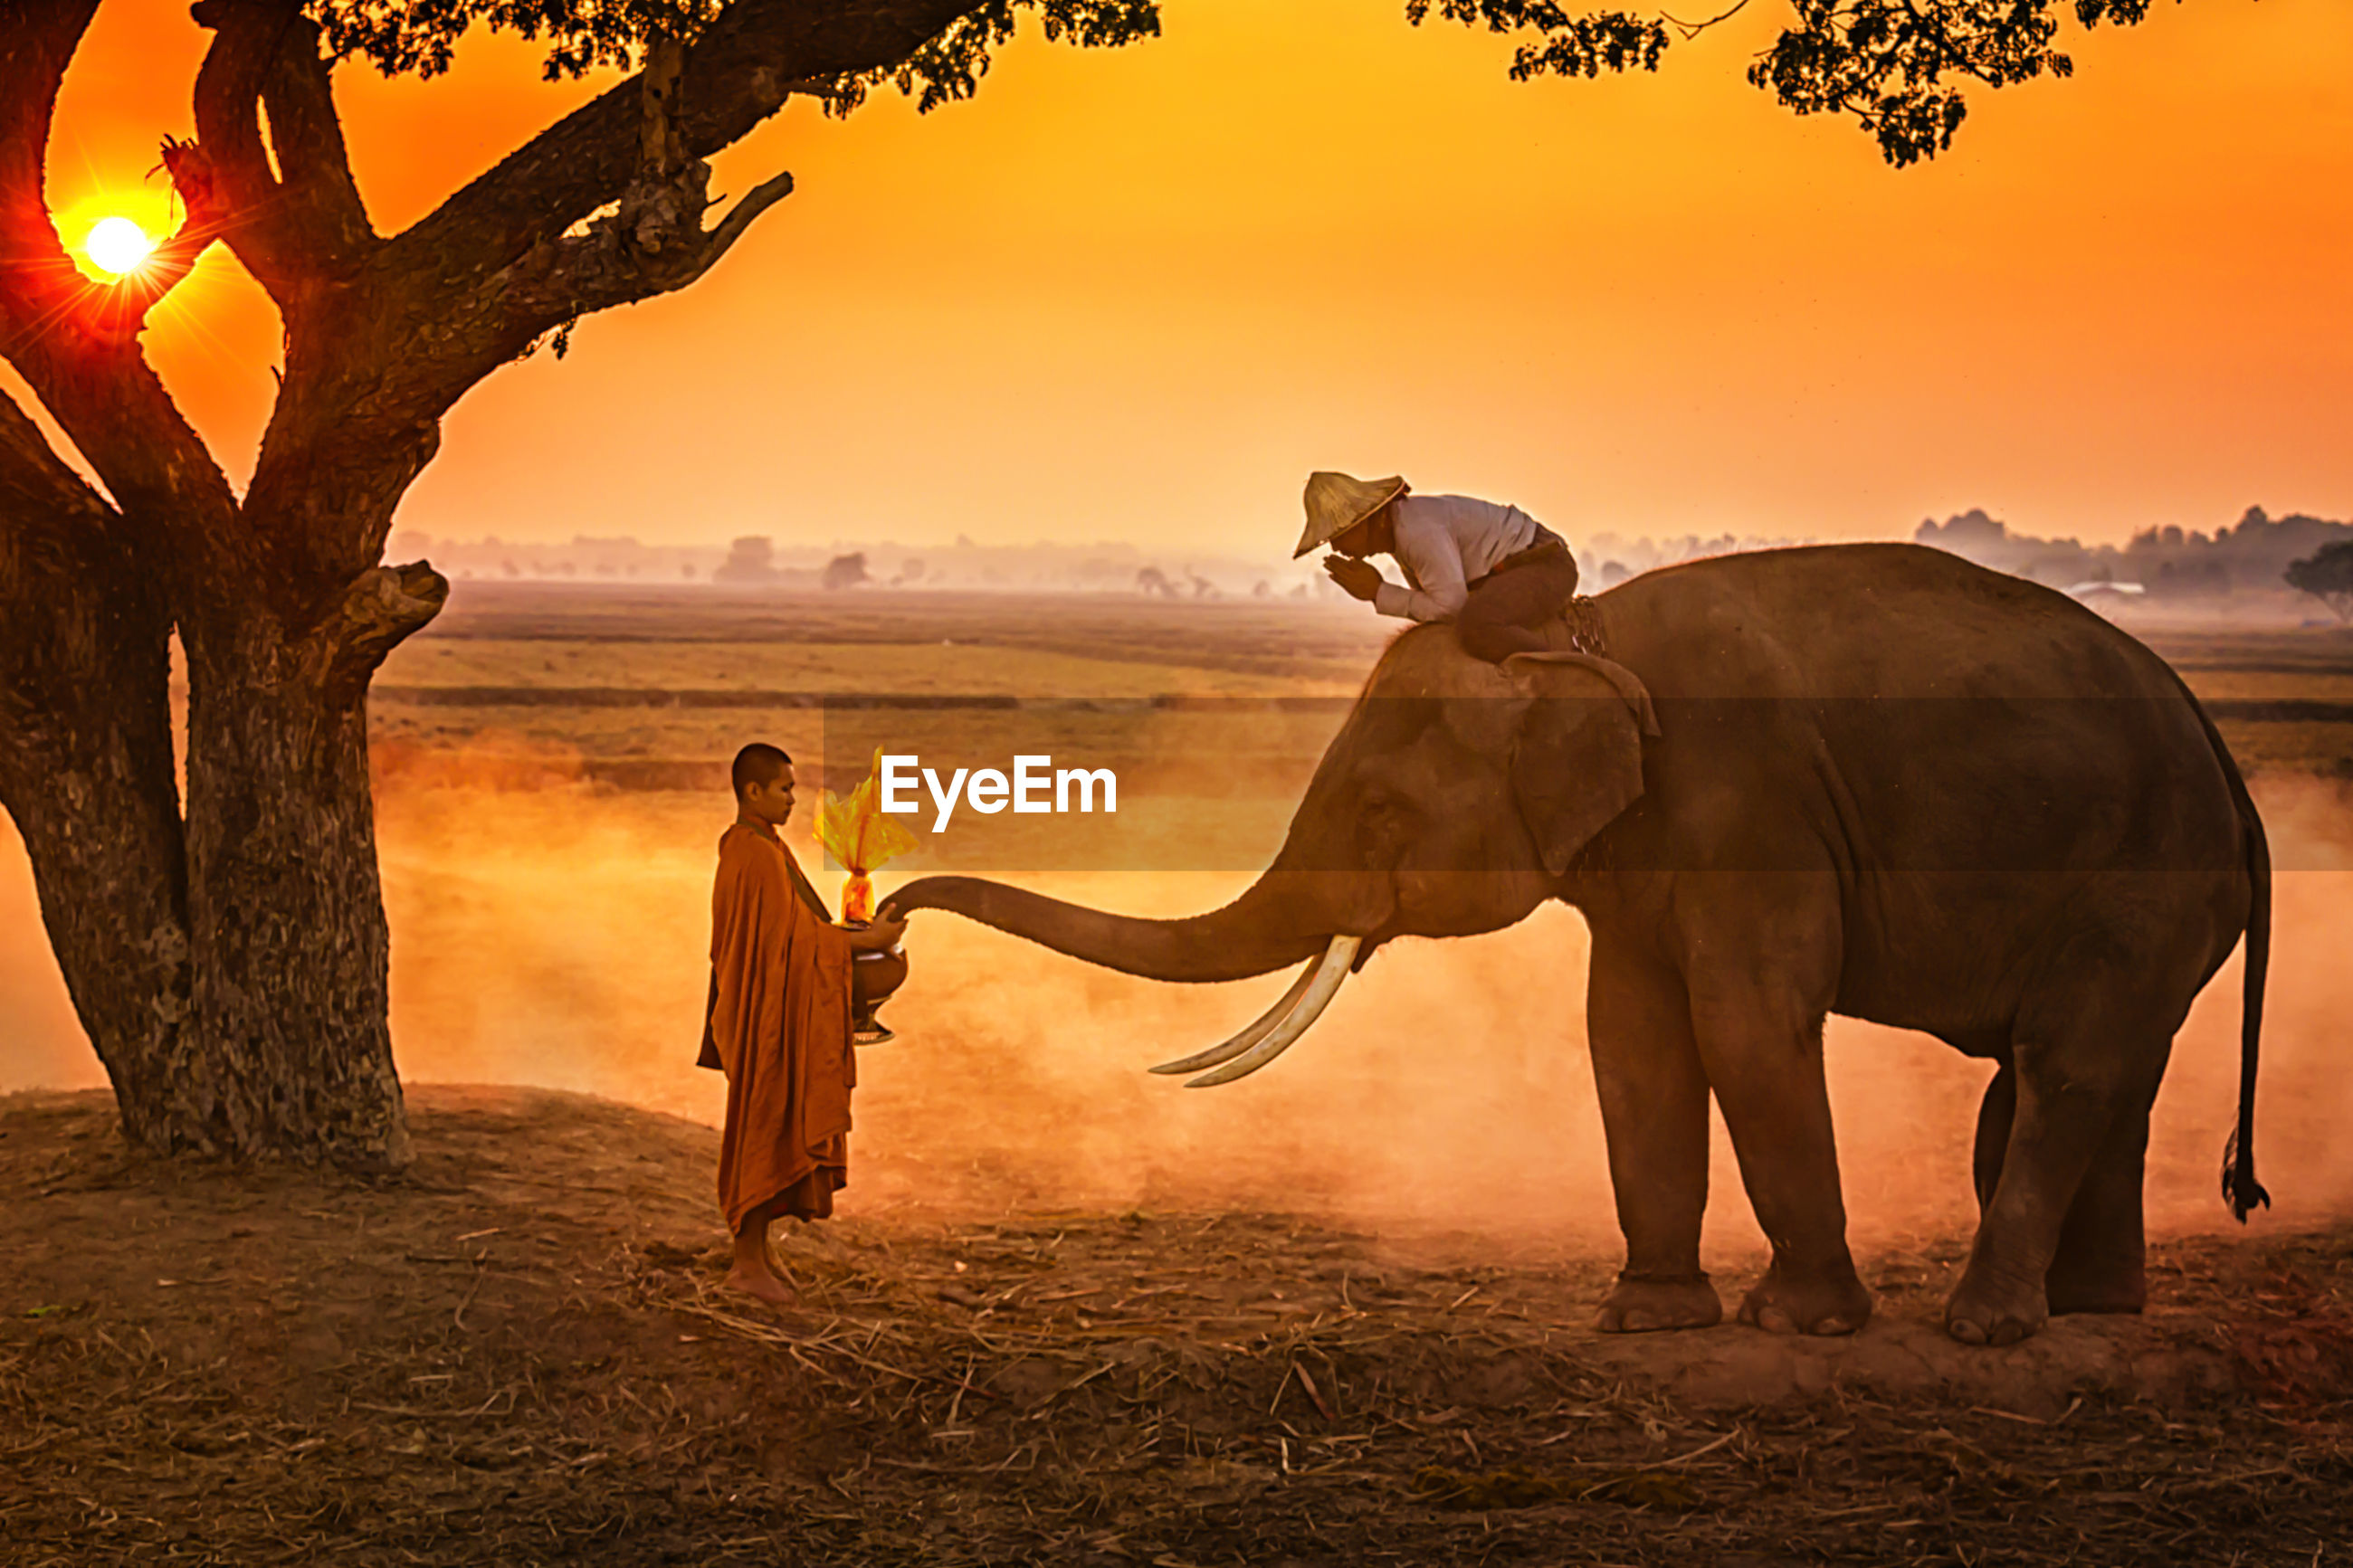 Man sitting on elephant while praying to monk by lake